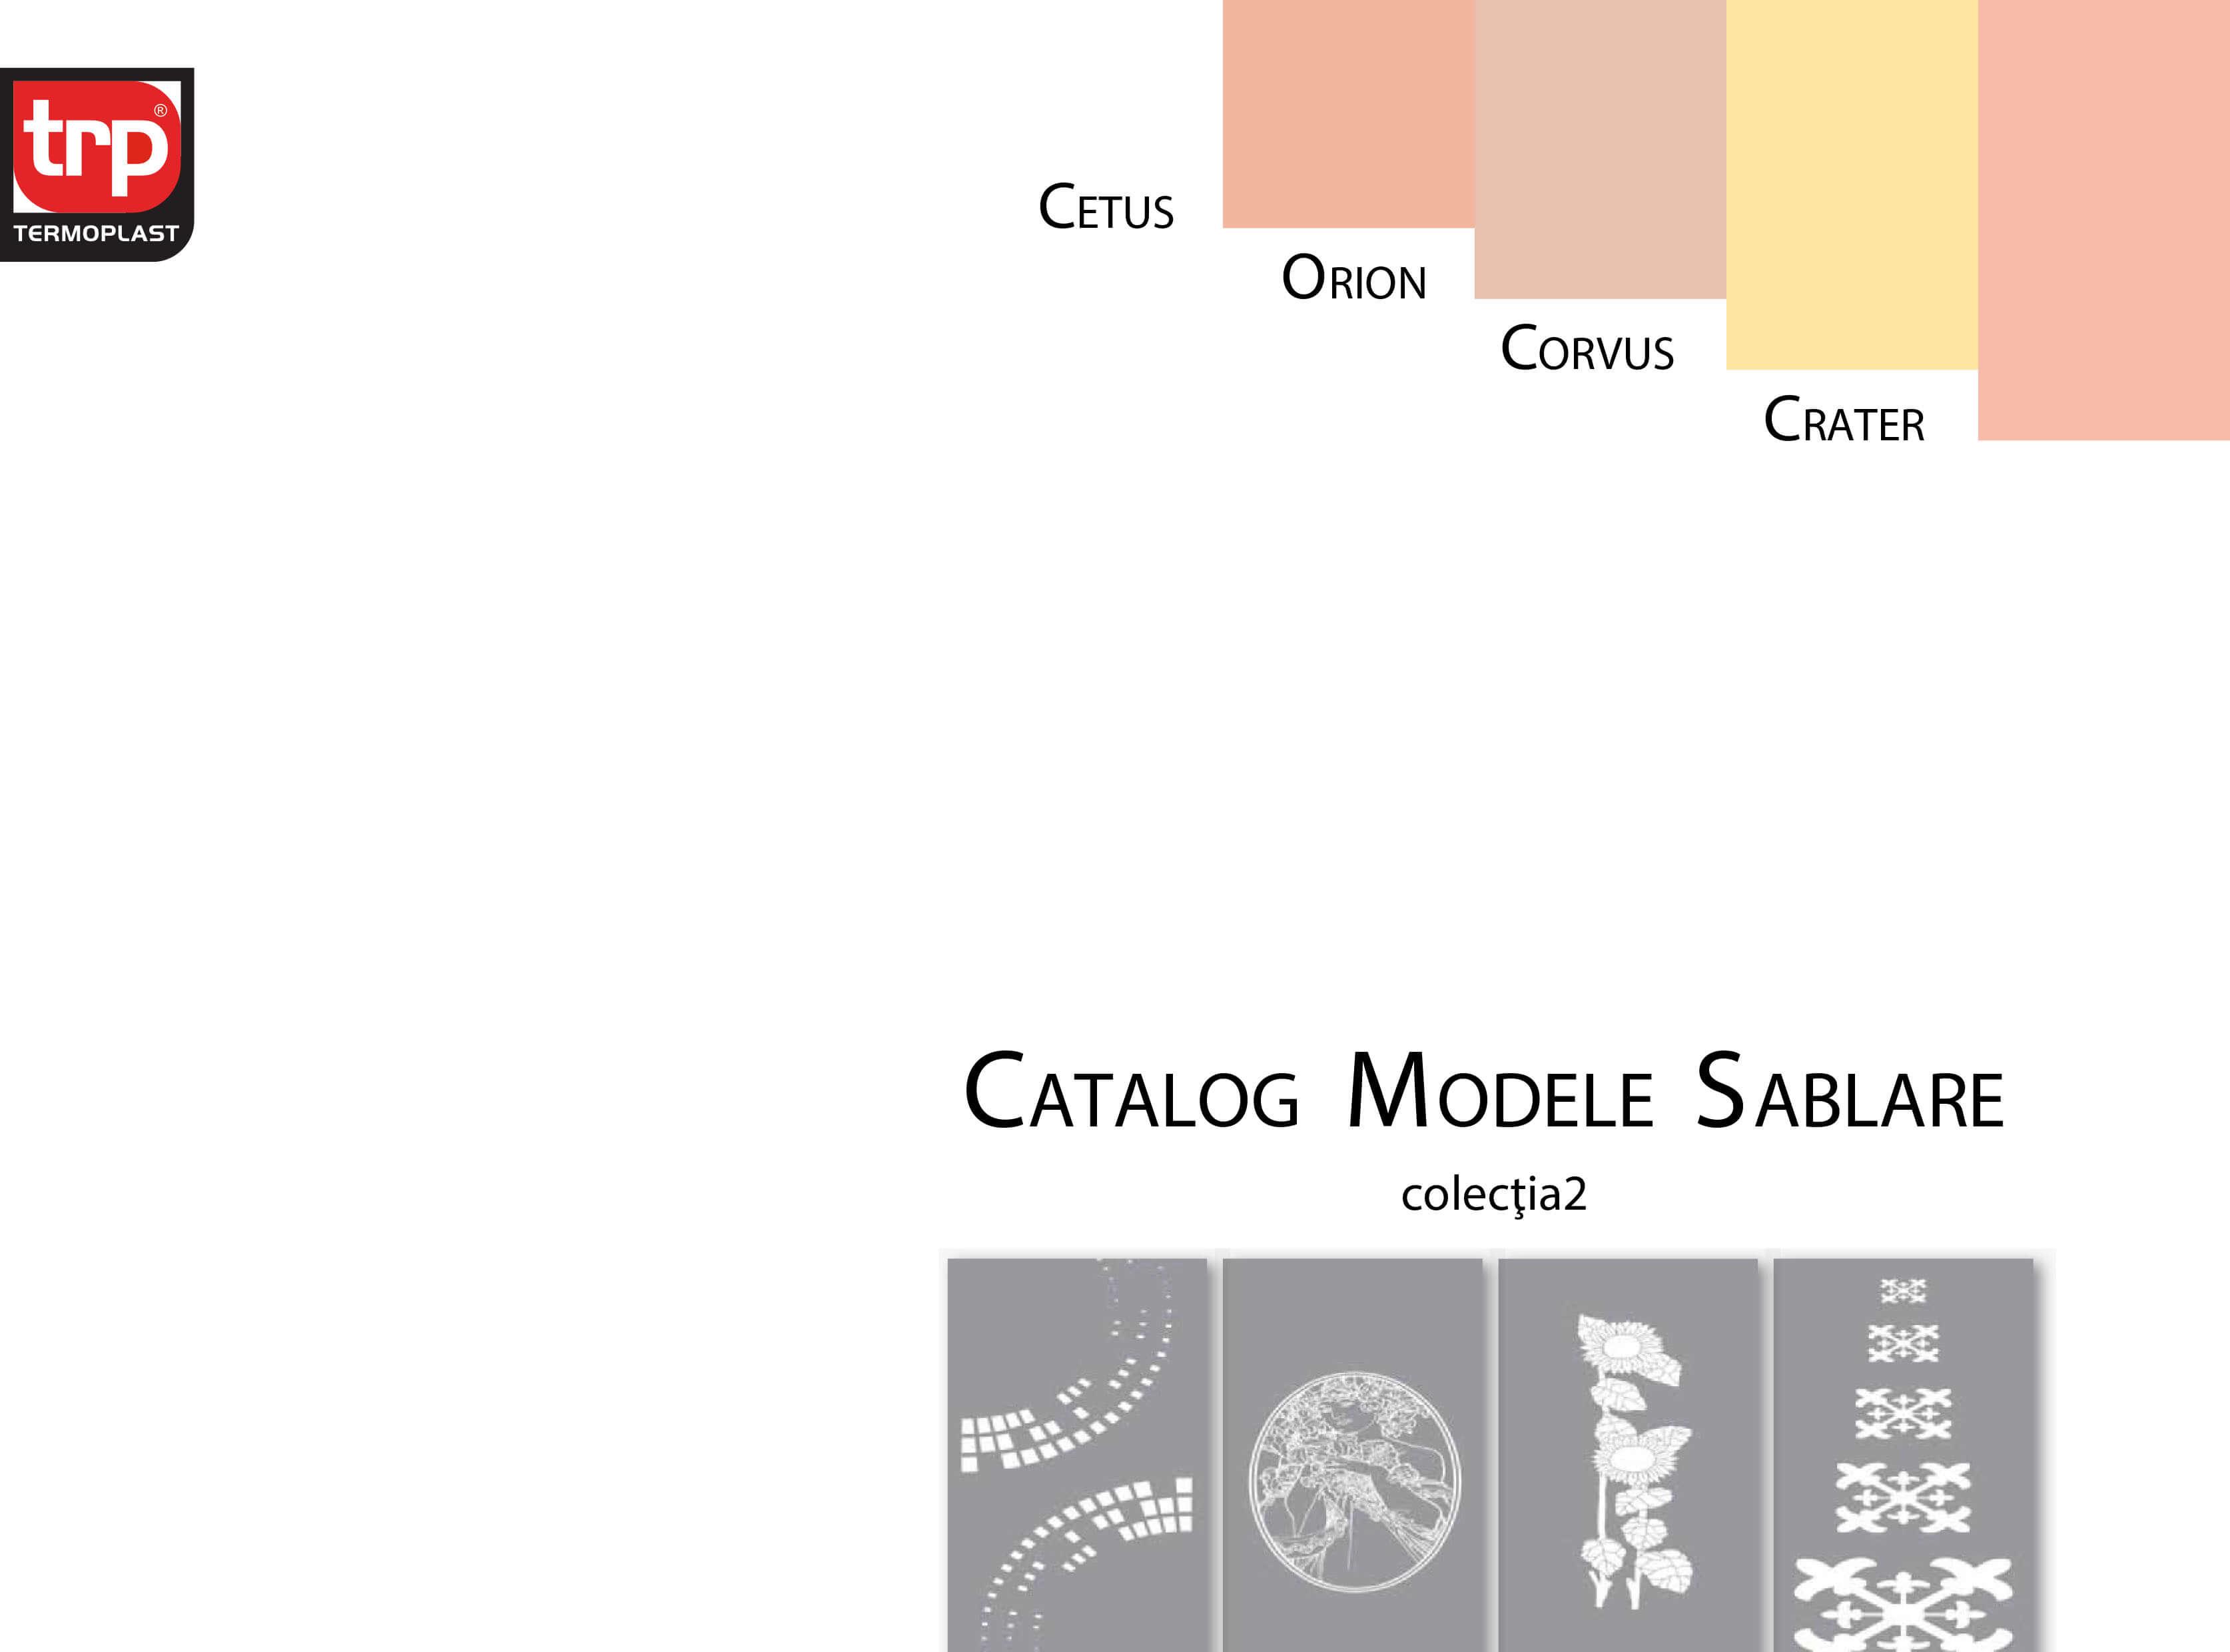 Catalog sablare colectia 2